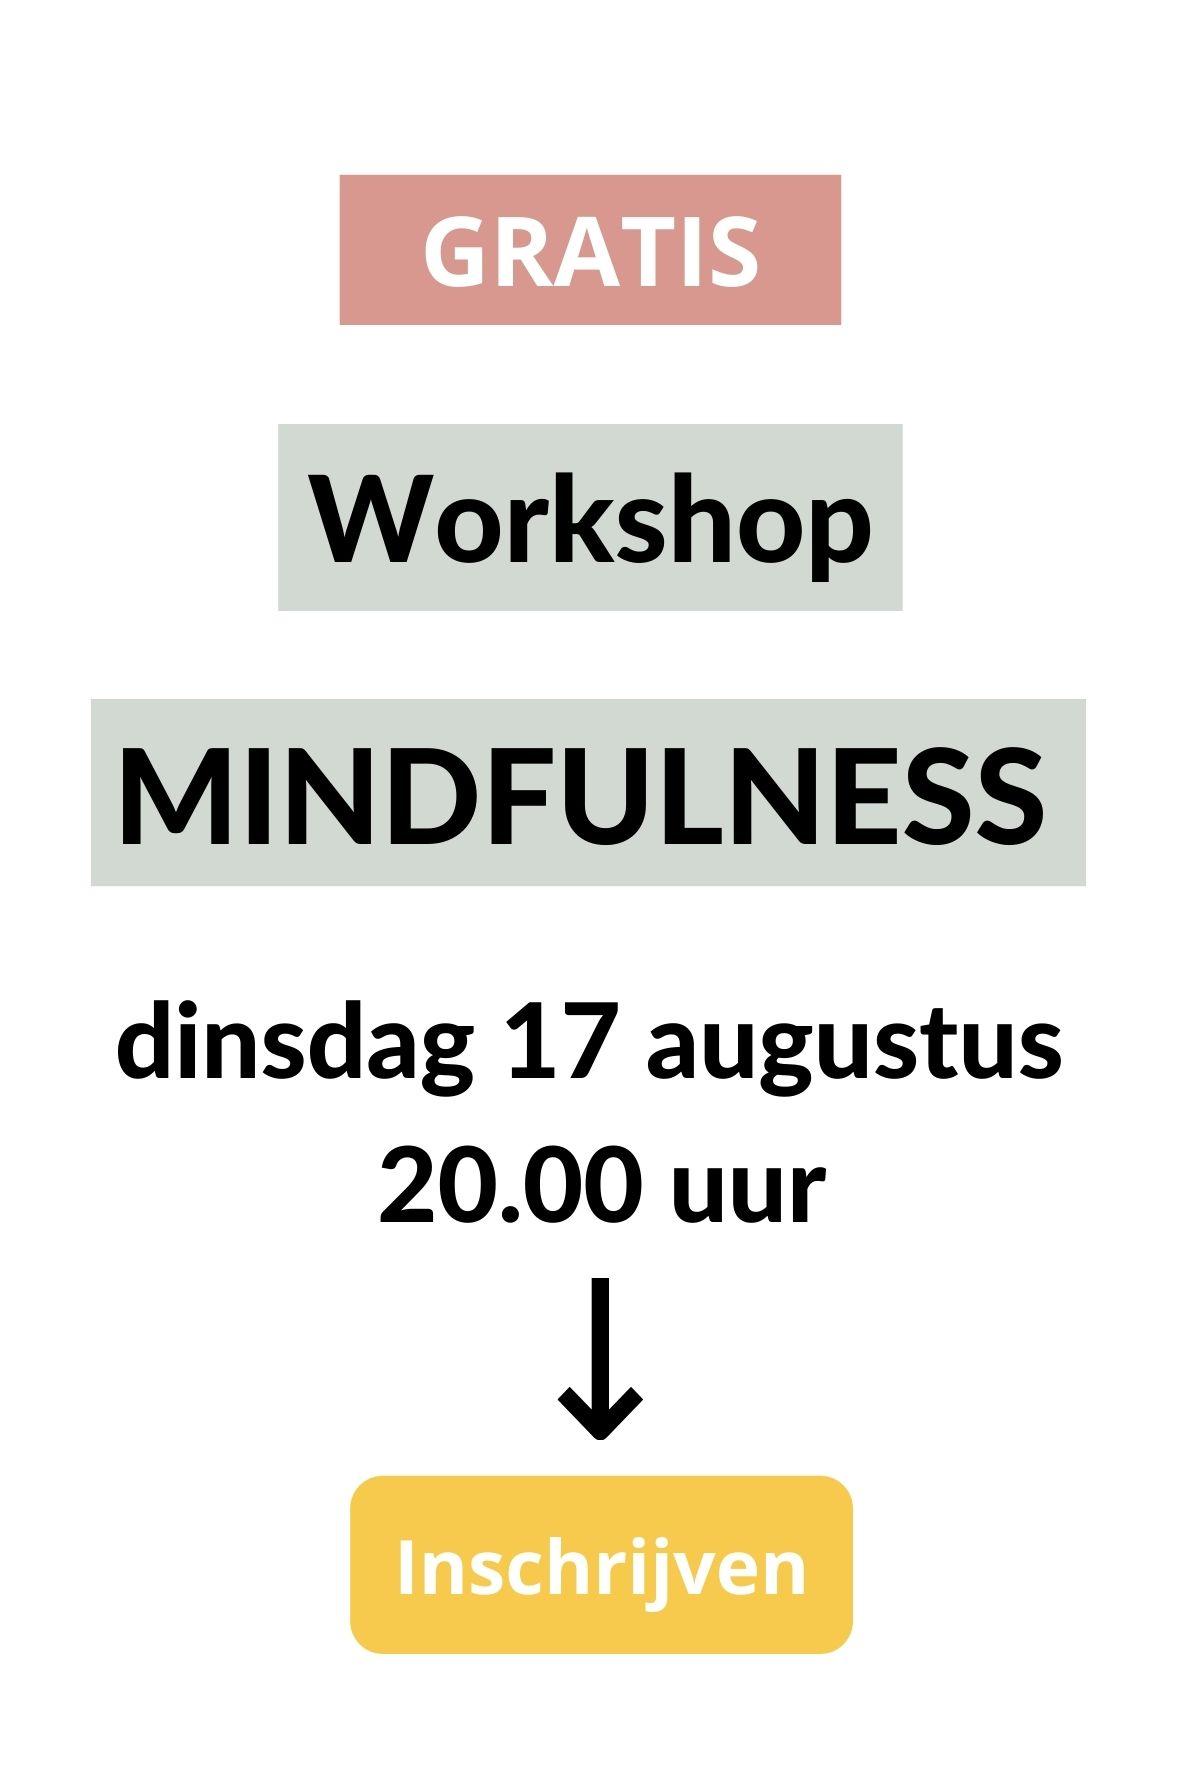 workshop mindfulness